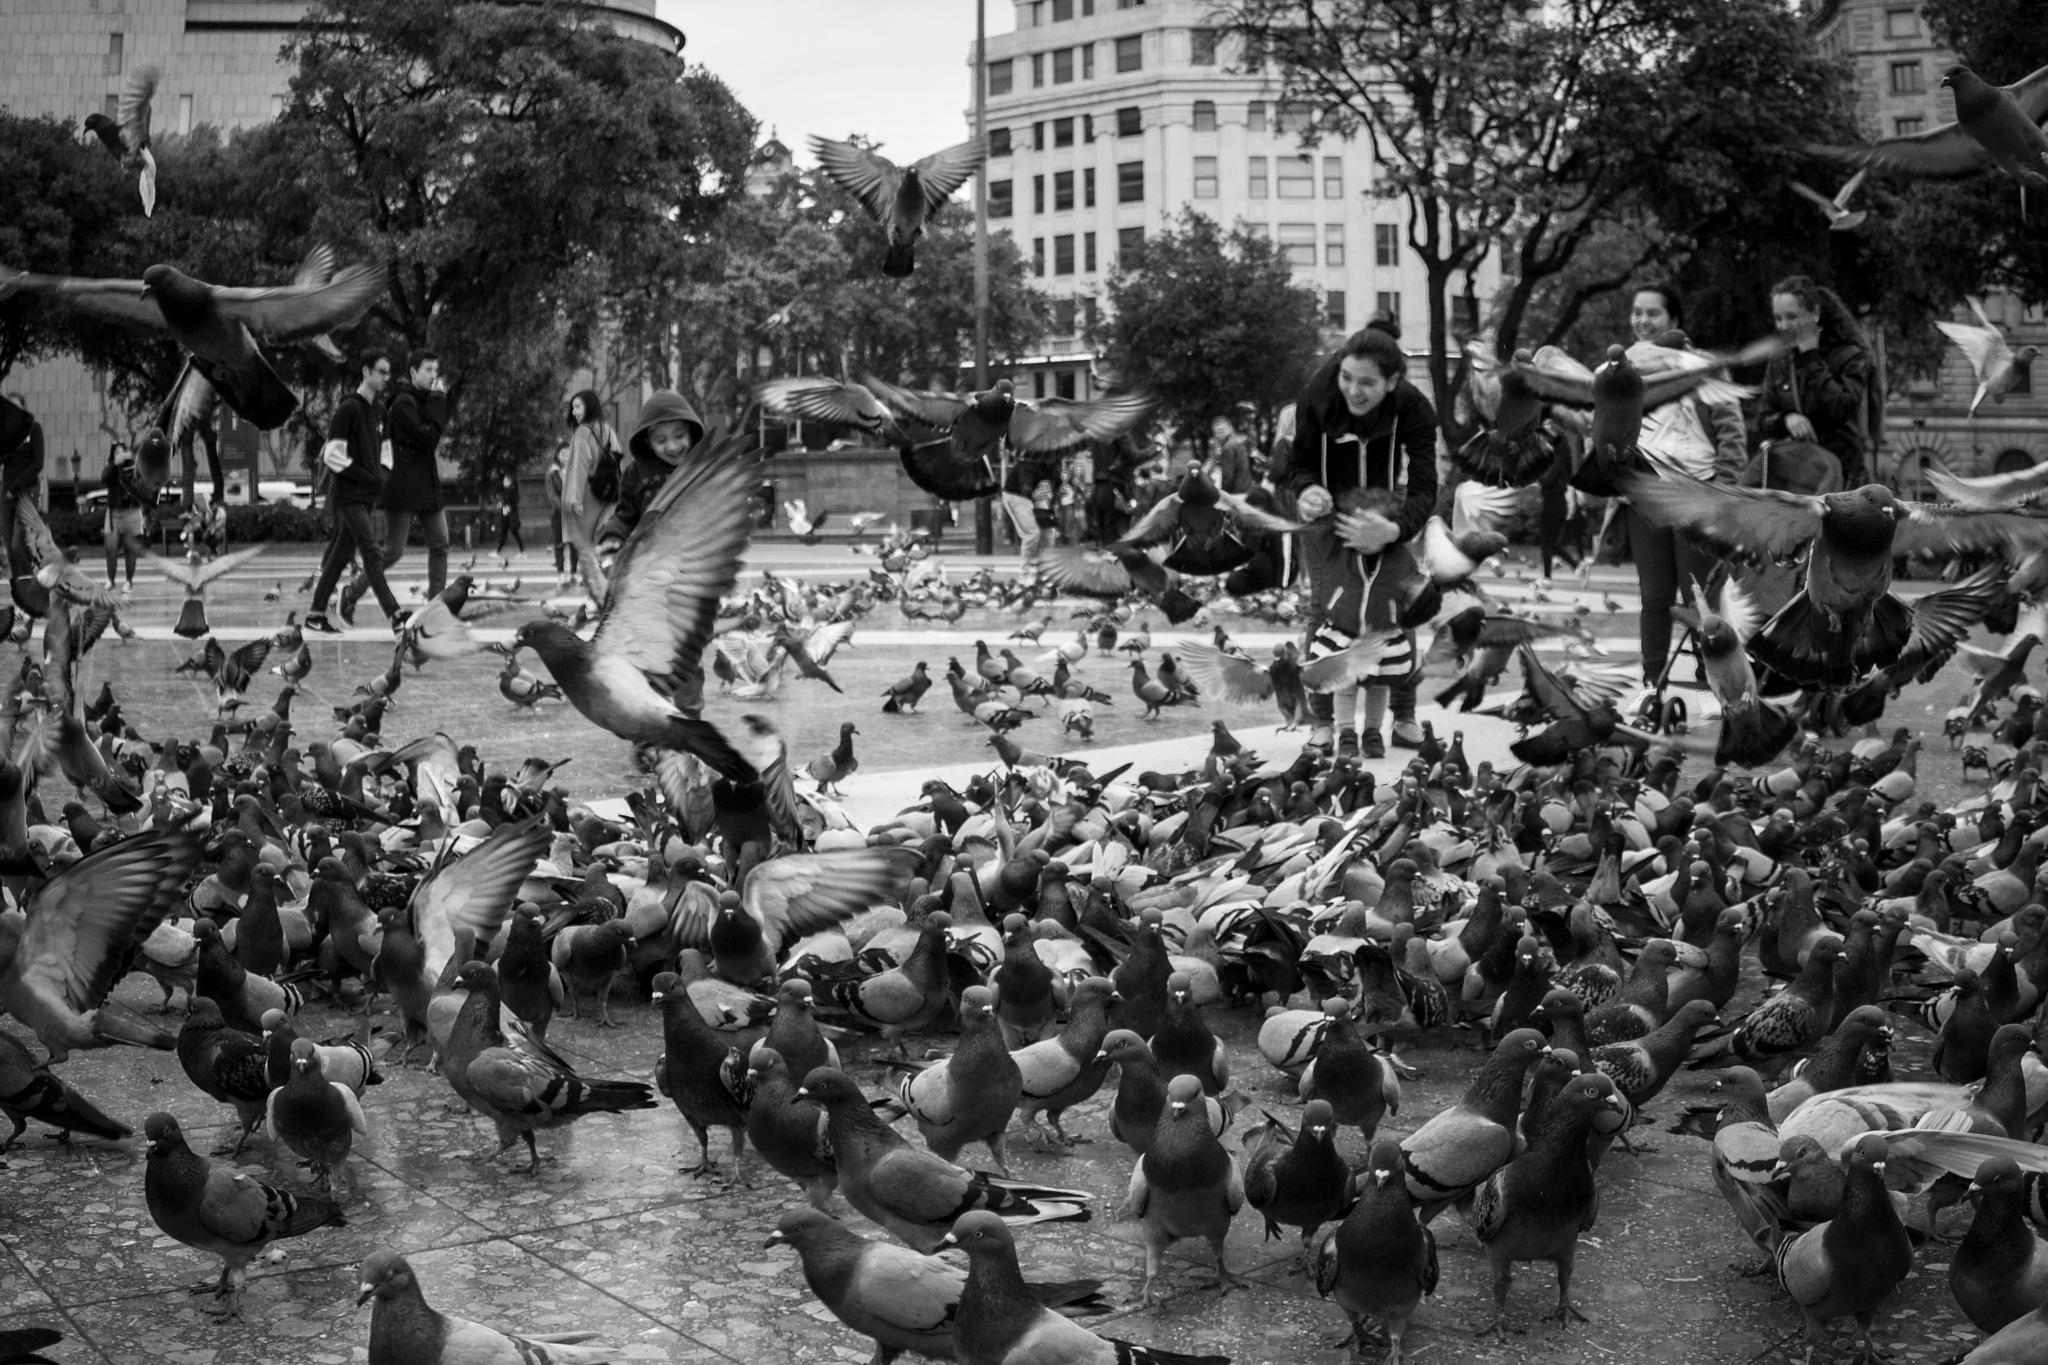 Pidgeons attack - bird chaos. by Juan Luis del Castillo Baquerizo